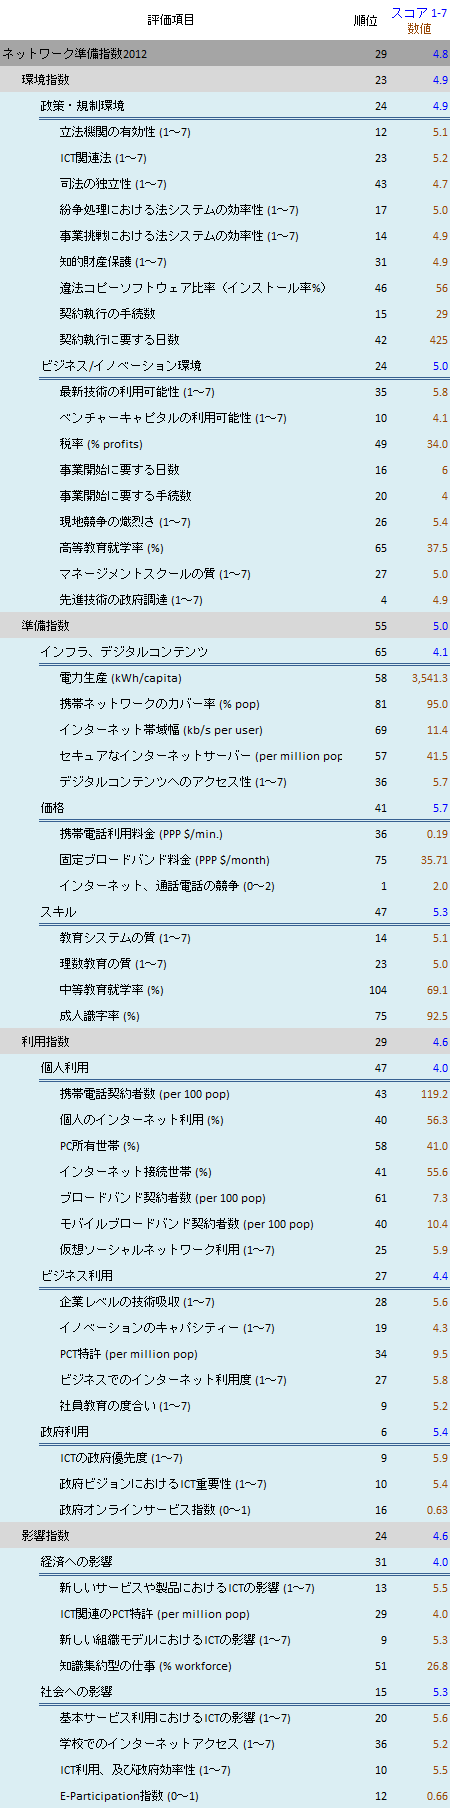 GITR_2012_03.png